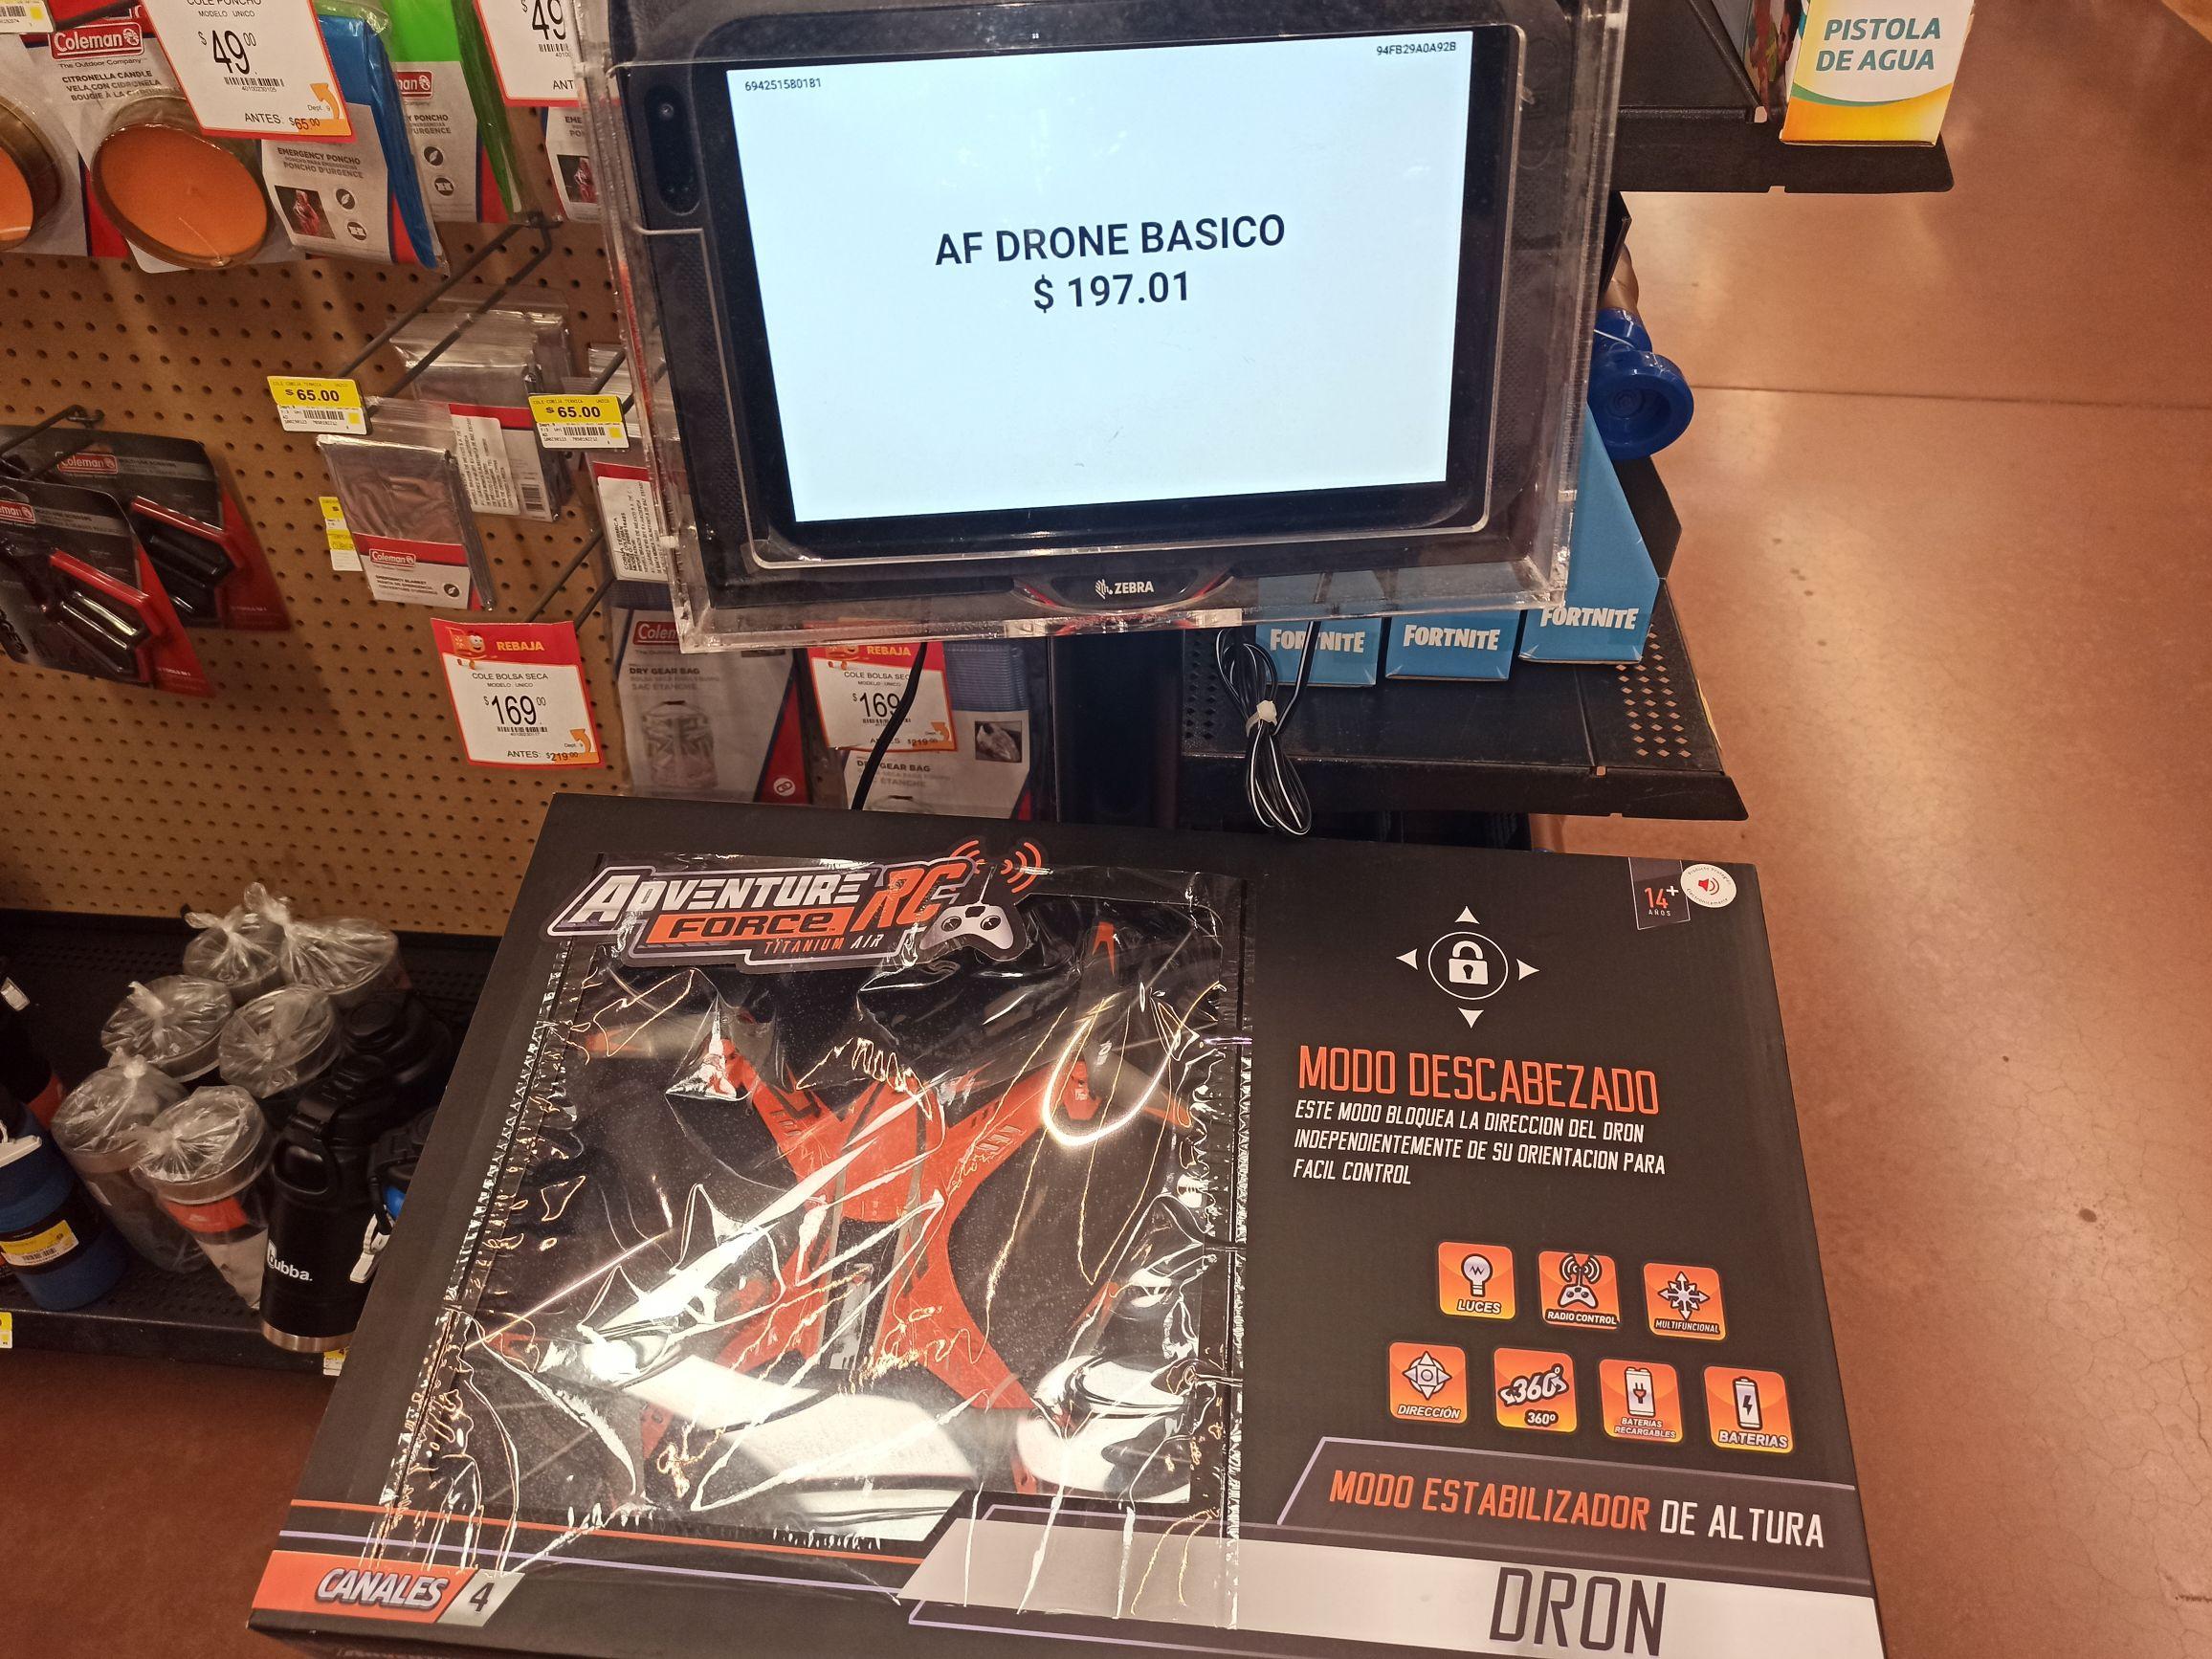 Walmart: Dron en liquidación con promo novela